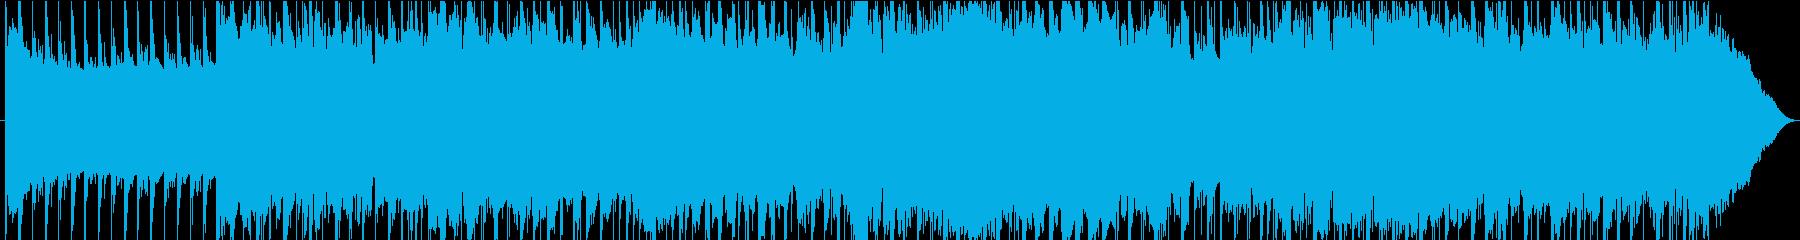 ダークな雰囲気のあるロックサウンドの再生済みの波形